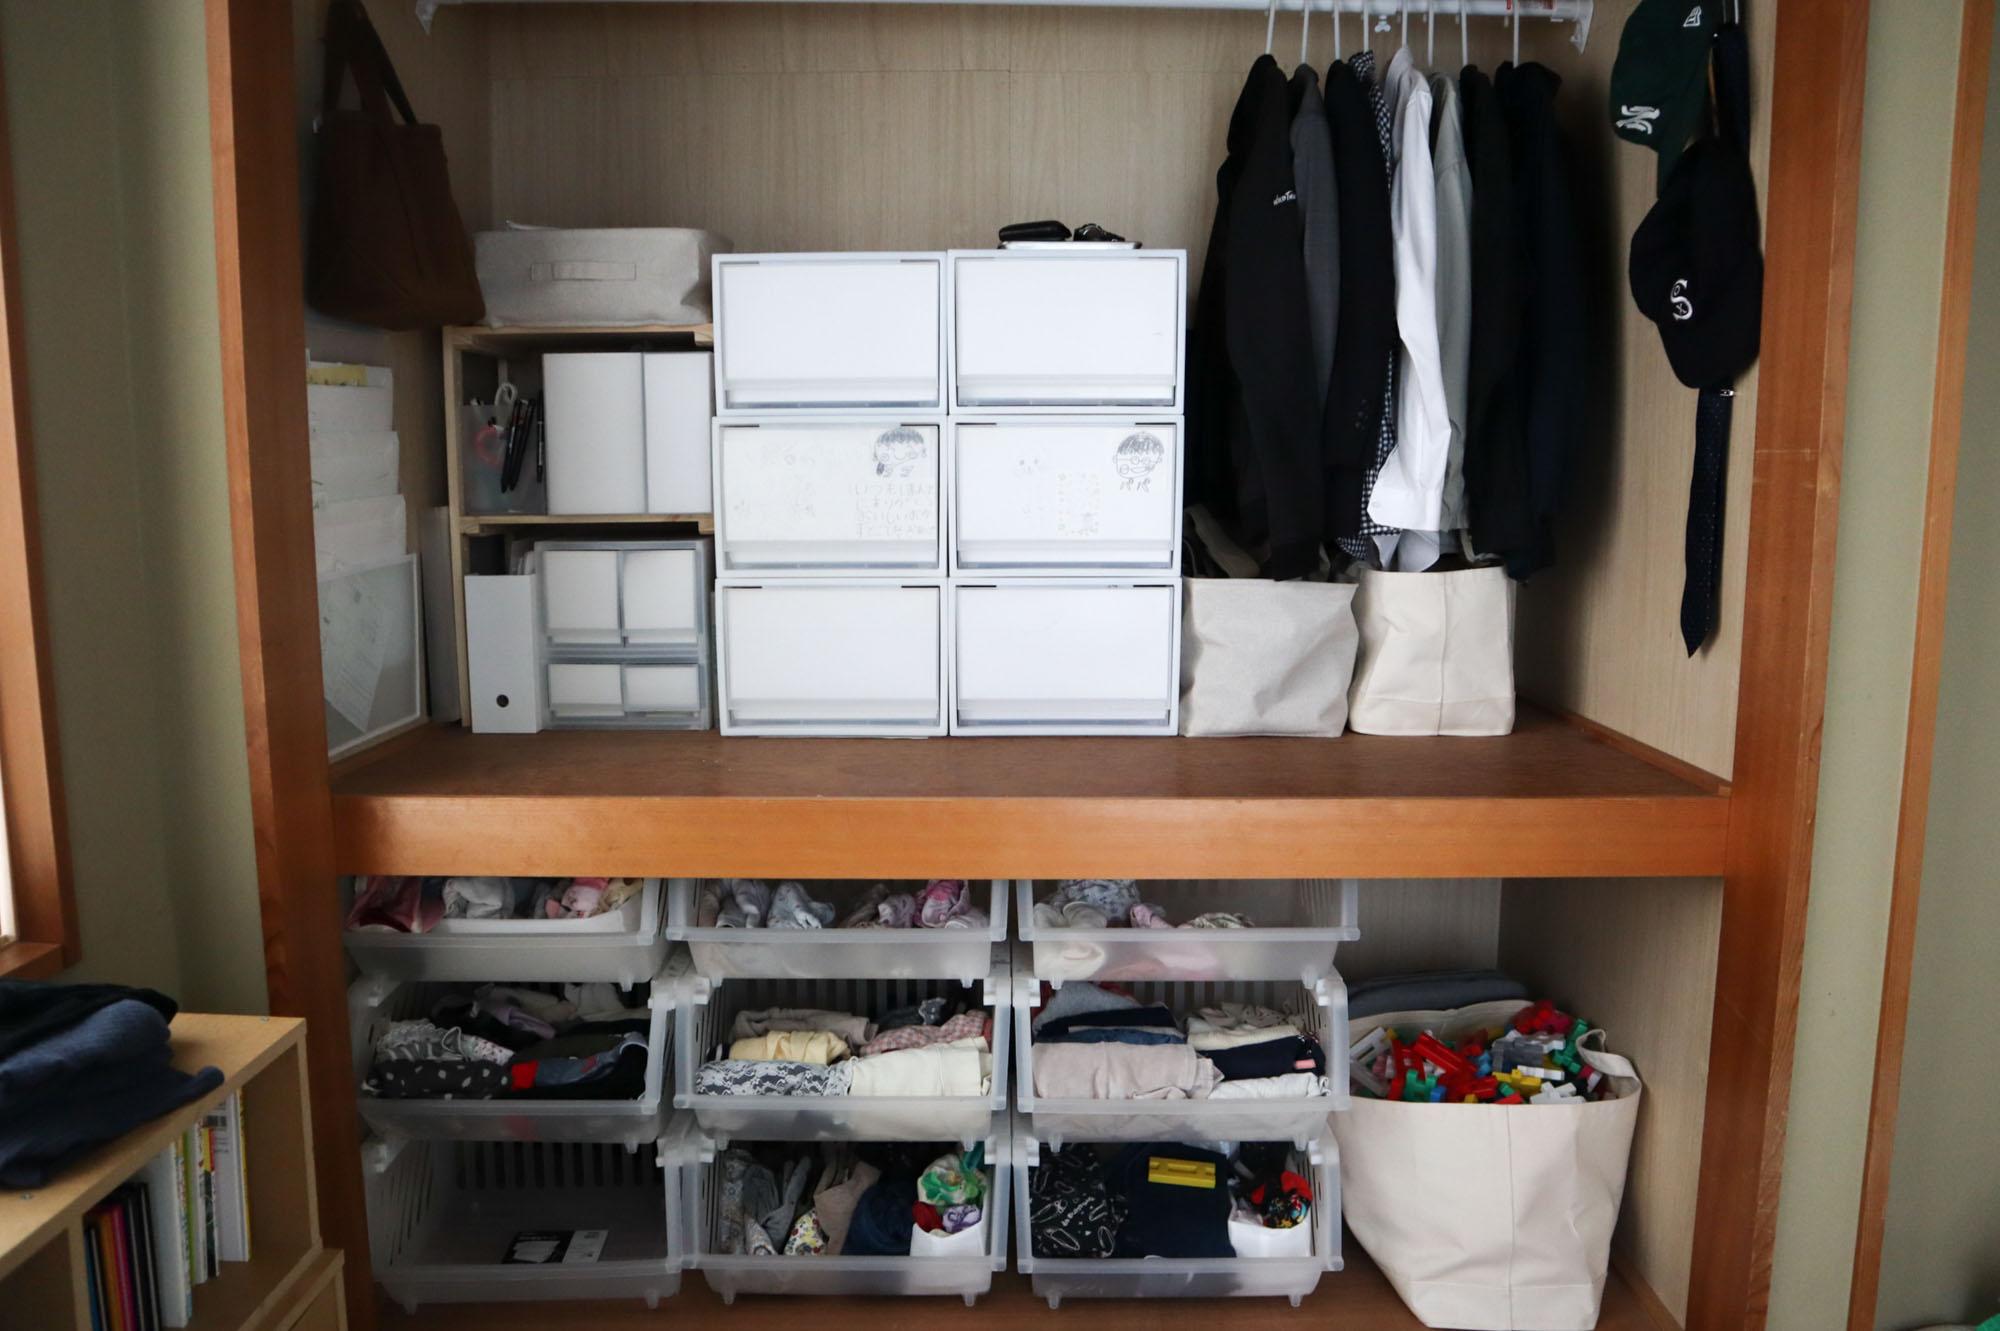 押入れの襖も外して、こんな風にきっちりと整頓して収納されています。